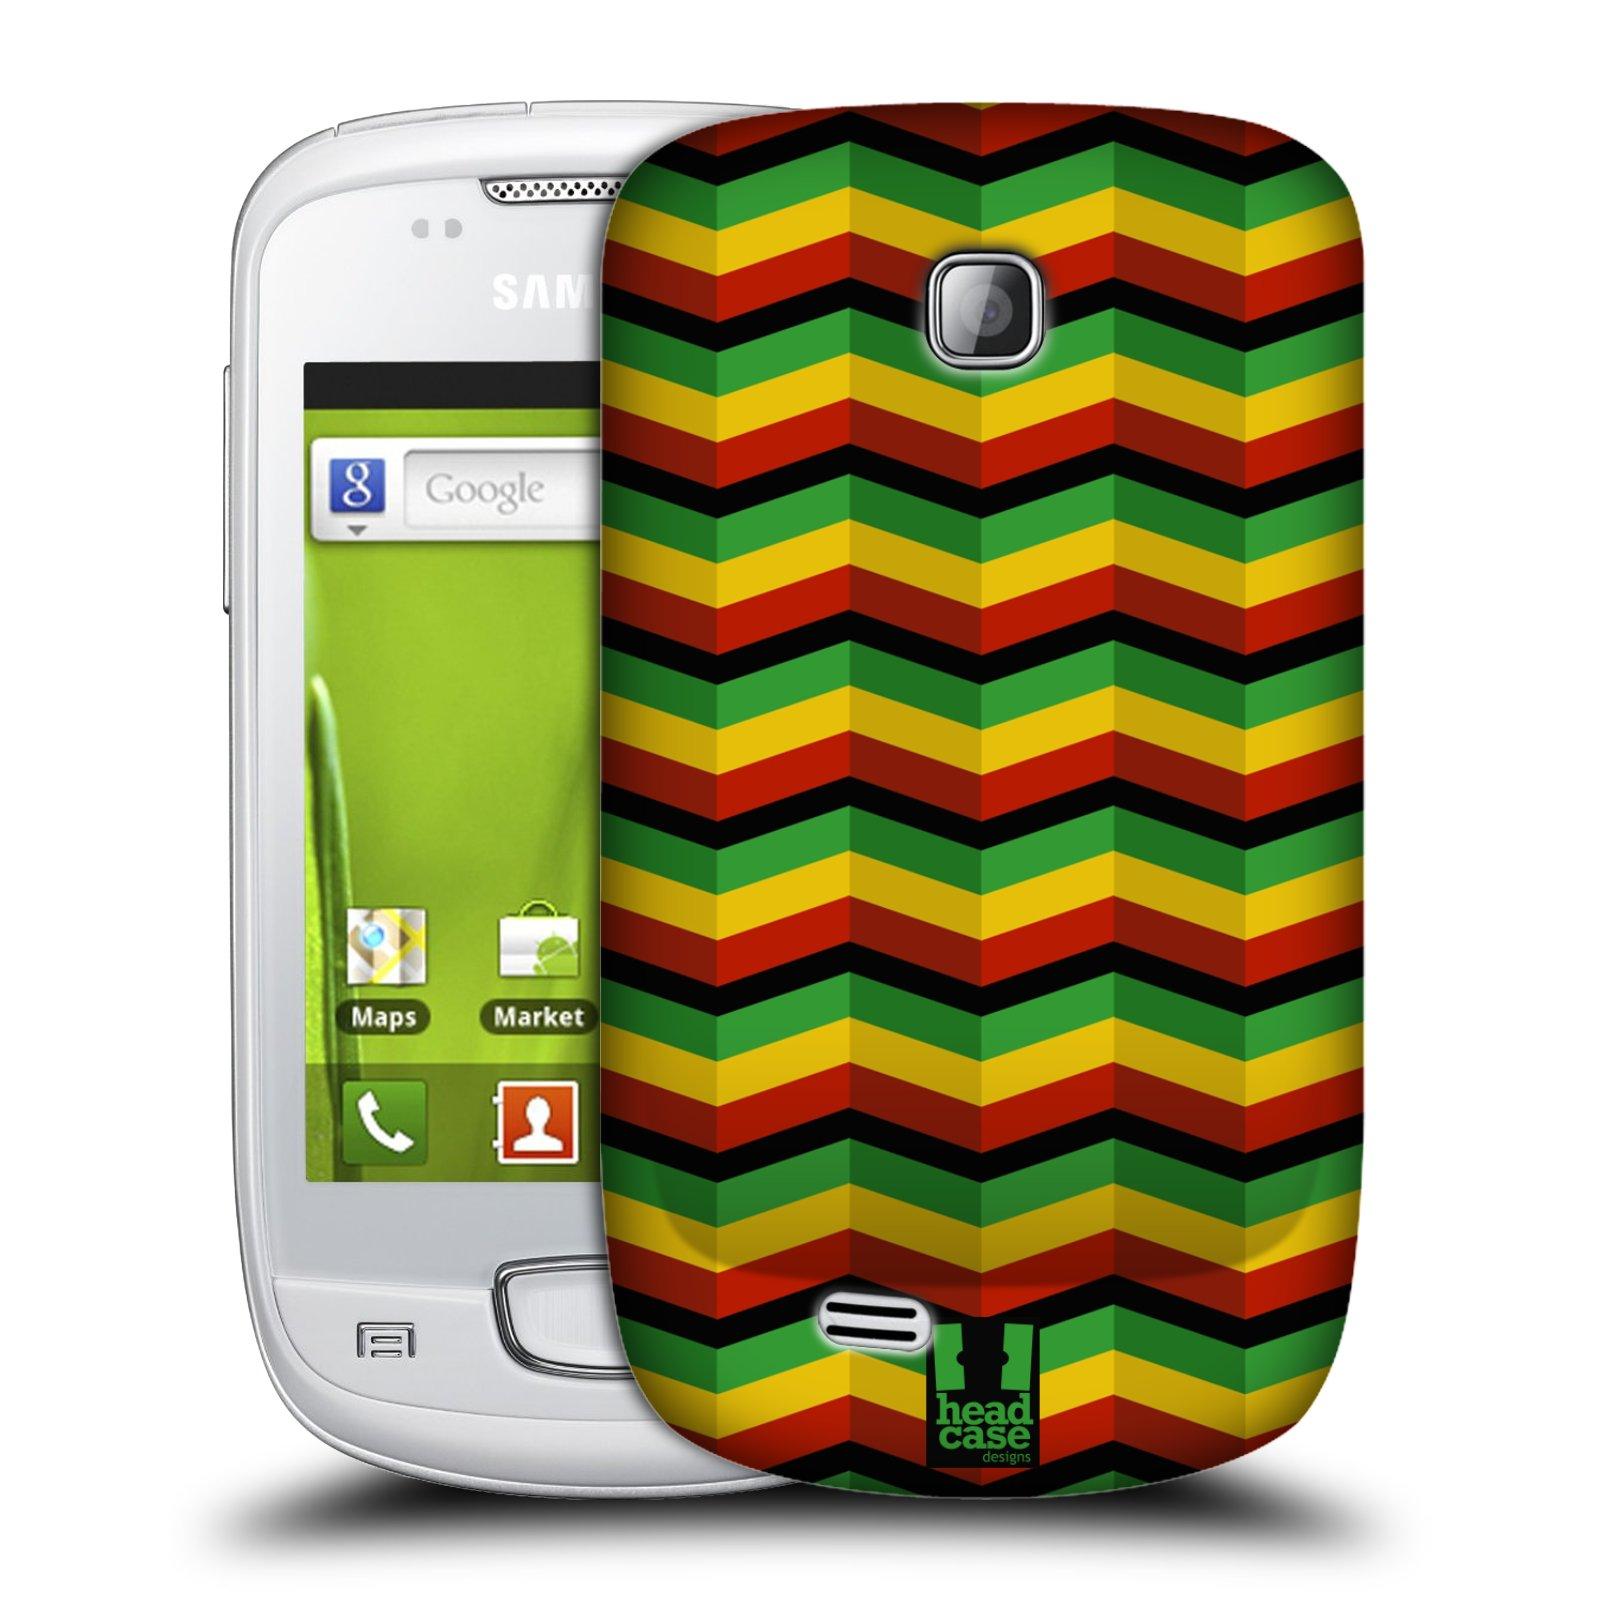 Plastové pouzdro na mobil Samsung Galaxy Mini HEAD CASE RASTA CHEVRON (Kryt či obal na mobilní telefon Samsung Galaxy Mini GT-S5570 / GT-S5570i)